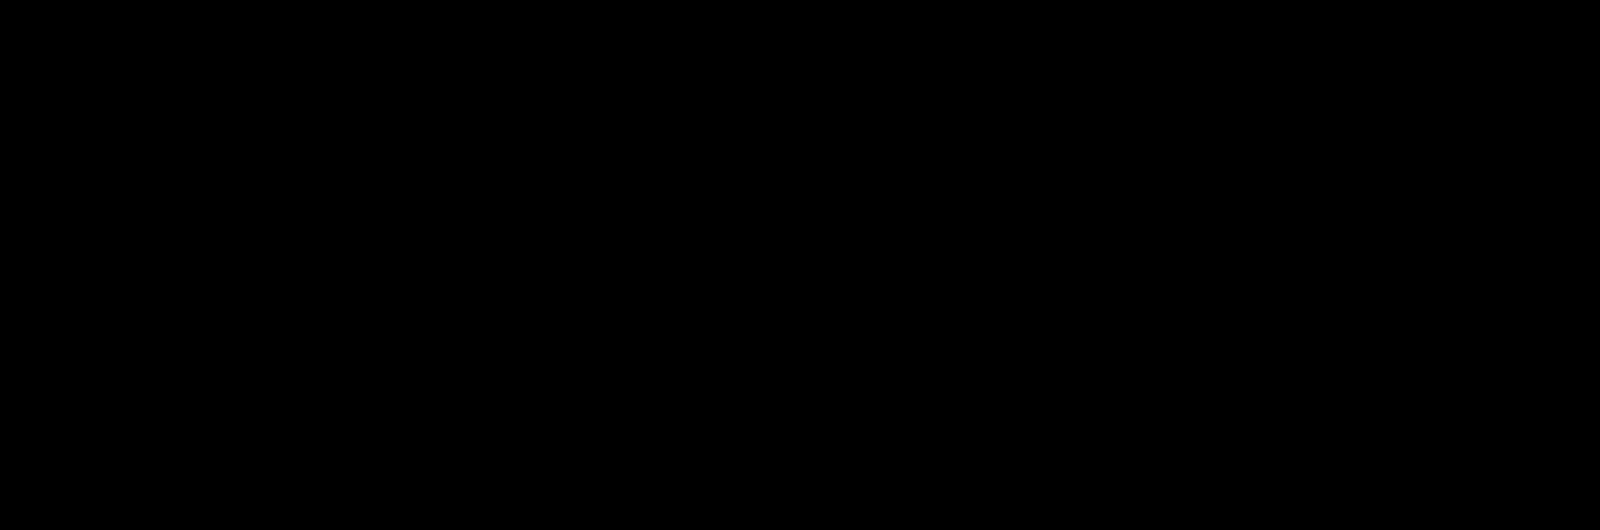 Joker clipart symbol batman Dark knight Joker Knight dark